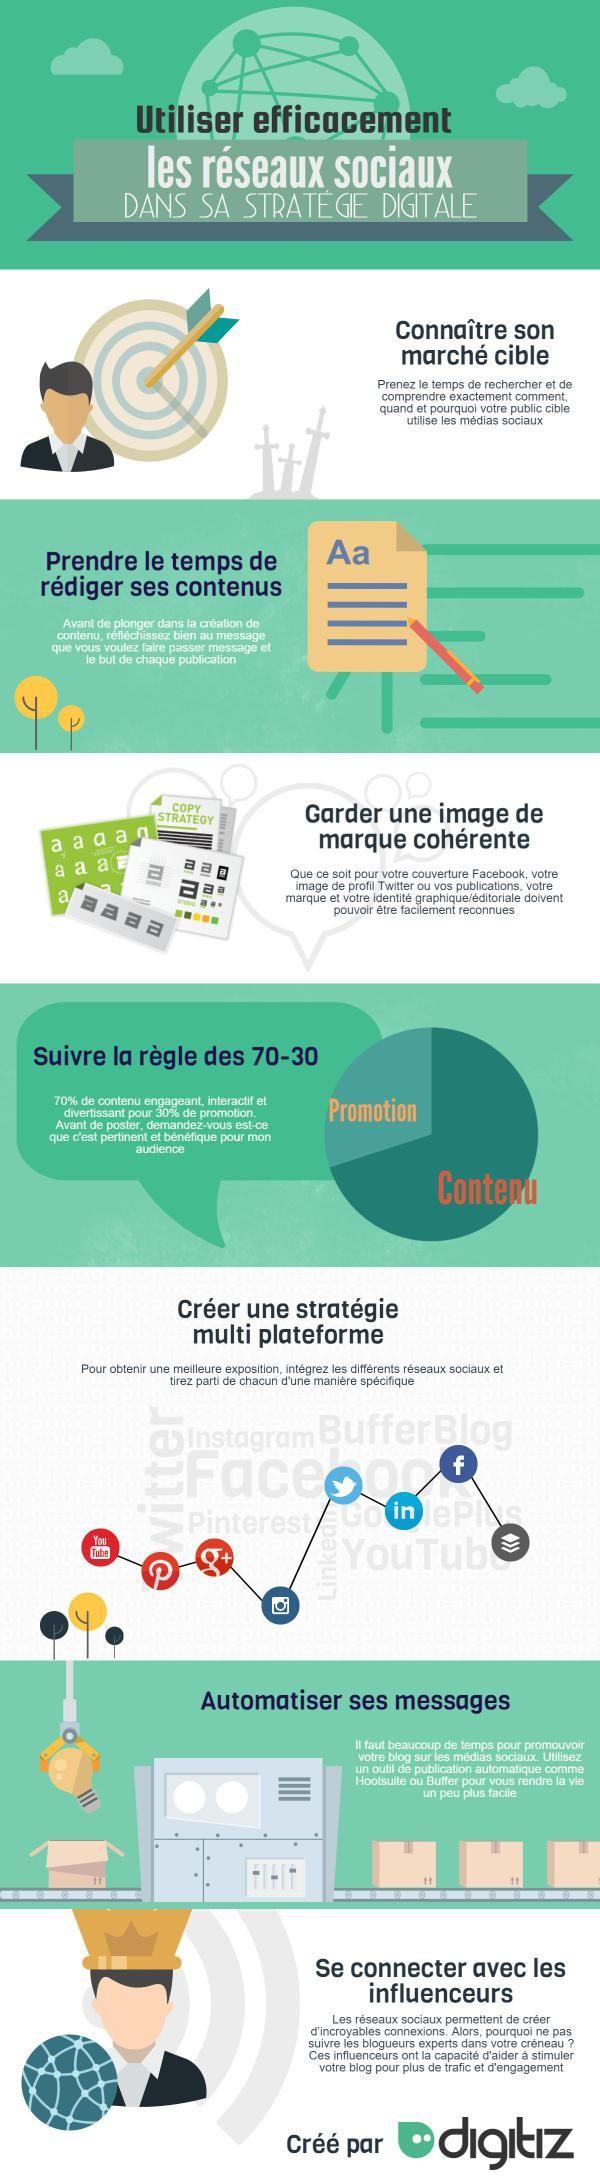 Utiliser efficacement les réseaux sociaux dans sa stratégie digitale